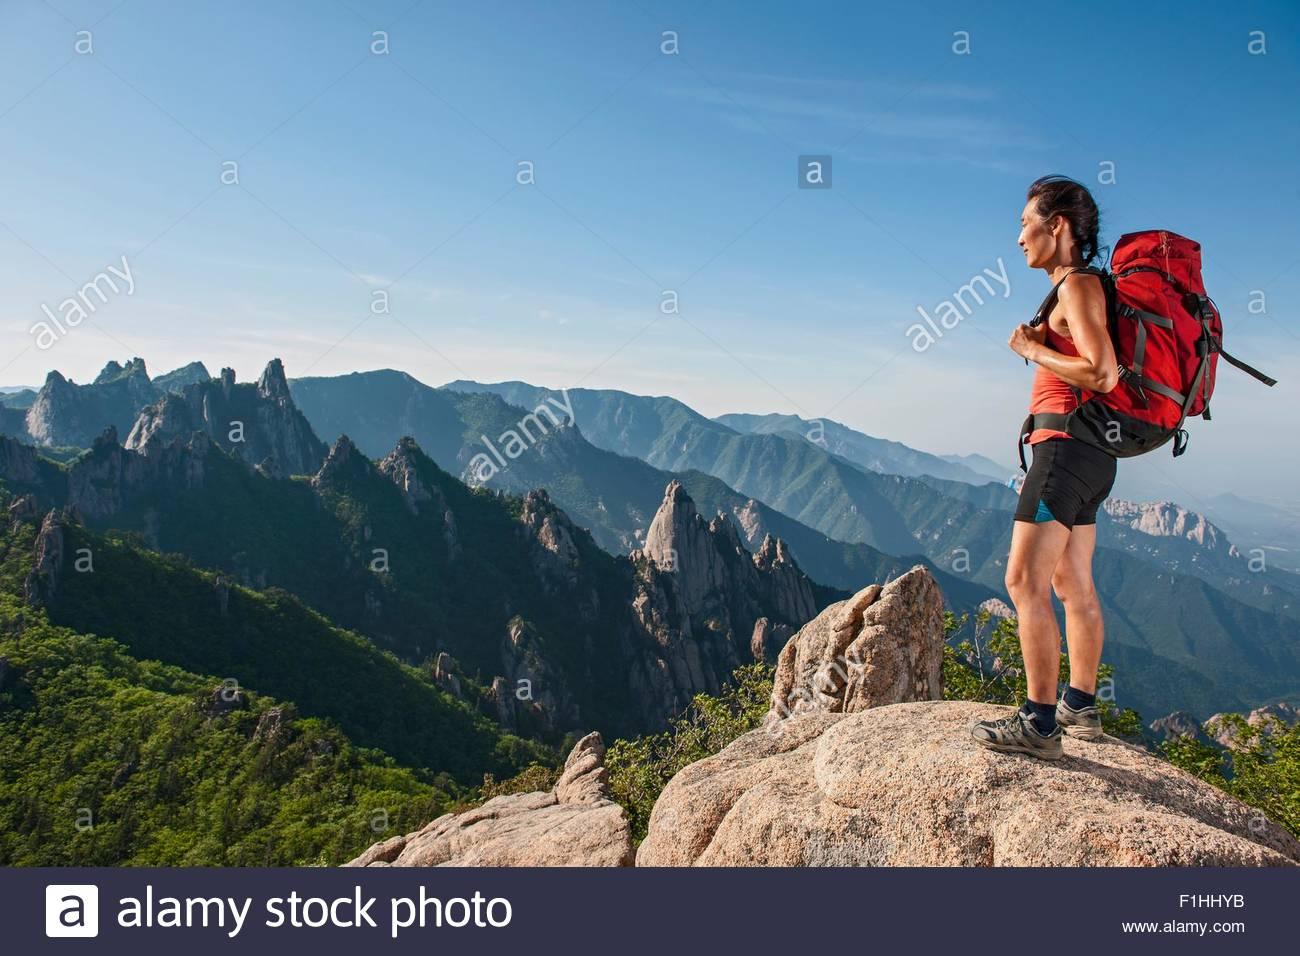 Escursionista femmina guardando fuori dal crinale a Seoraksan National Park, Gangwon, Corea del Sud Immagini Stock